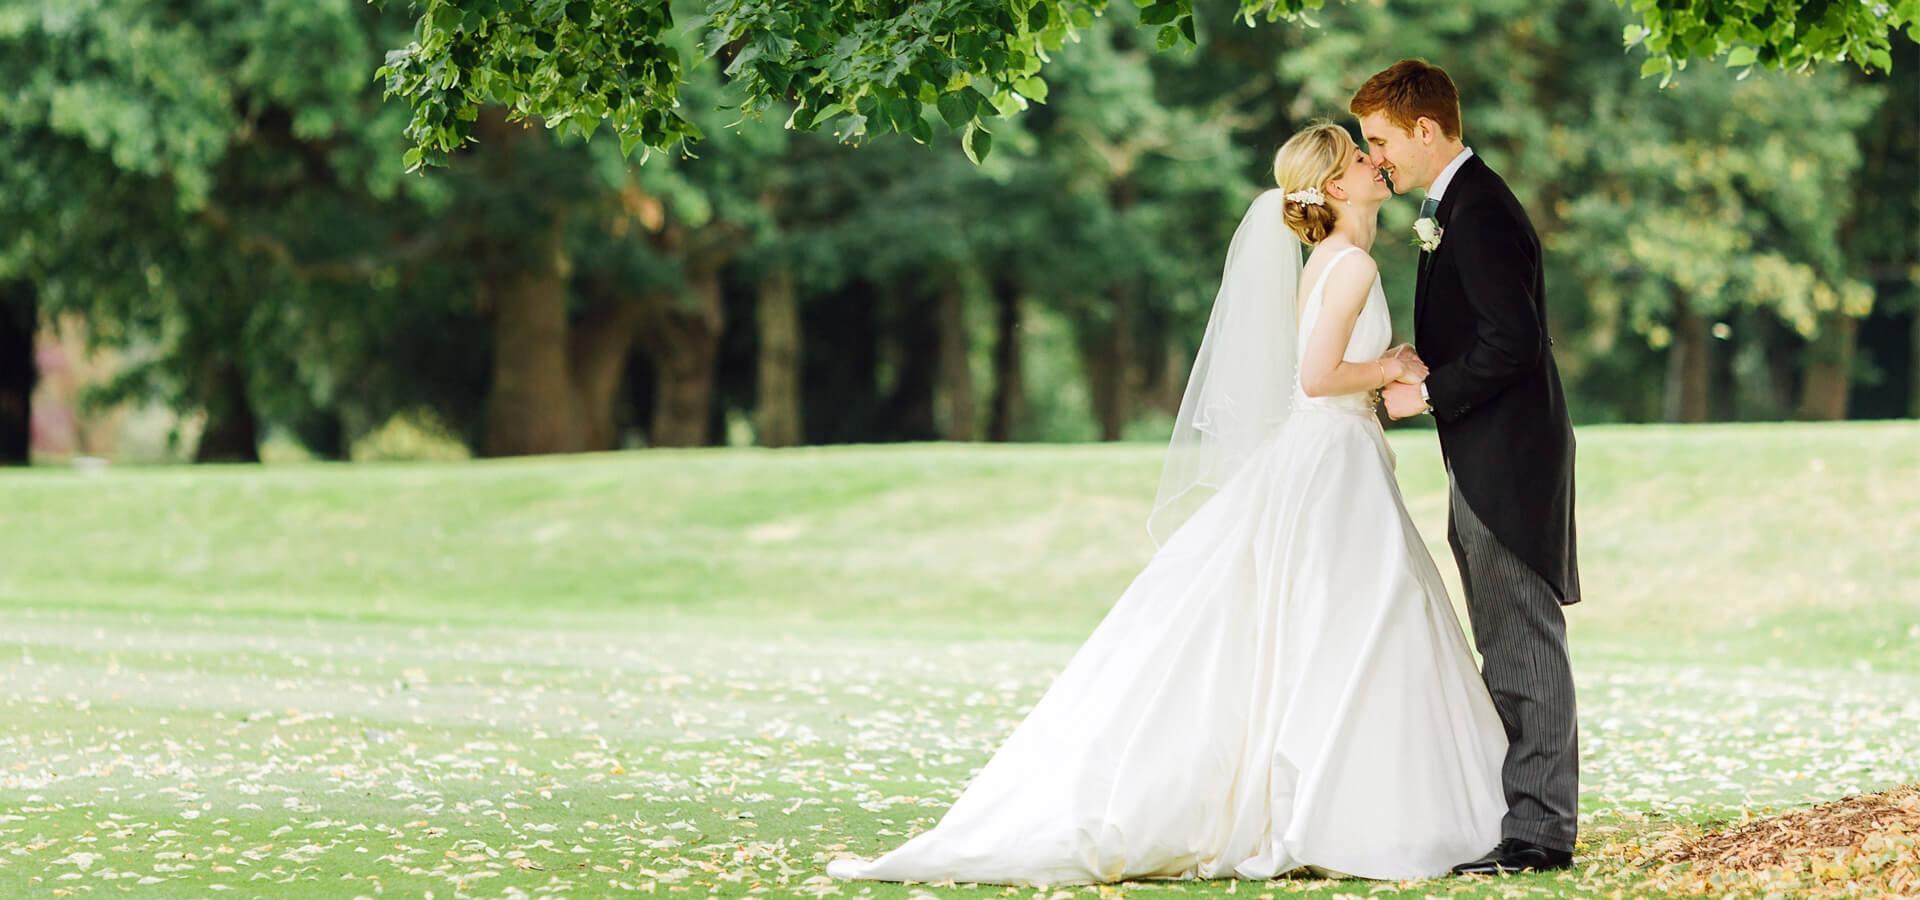 Самые трендовые стили для свадьбы в 2017 году